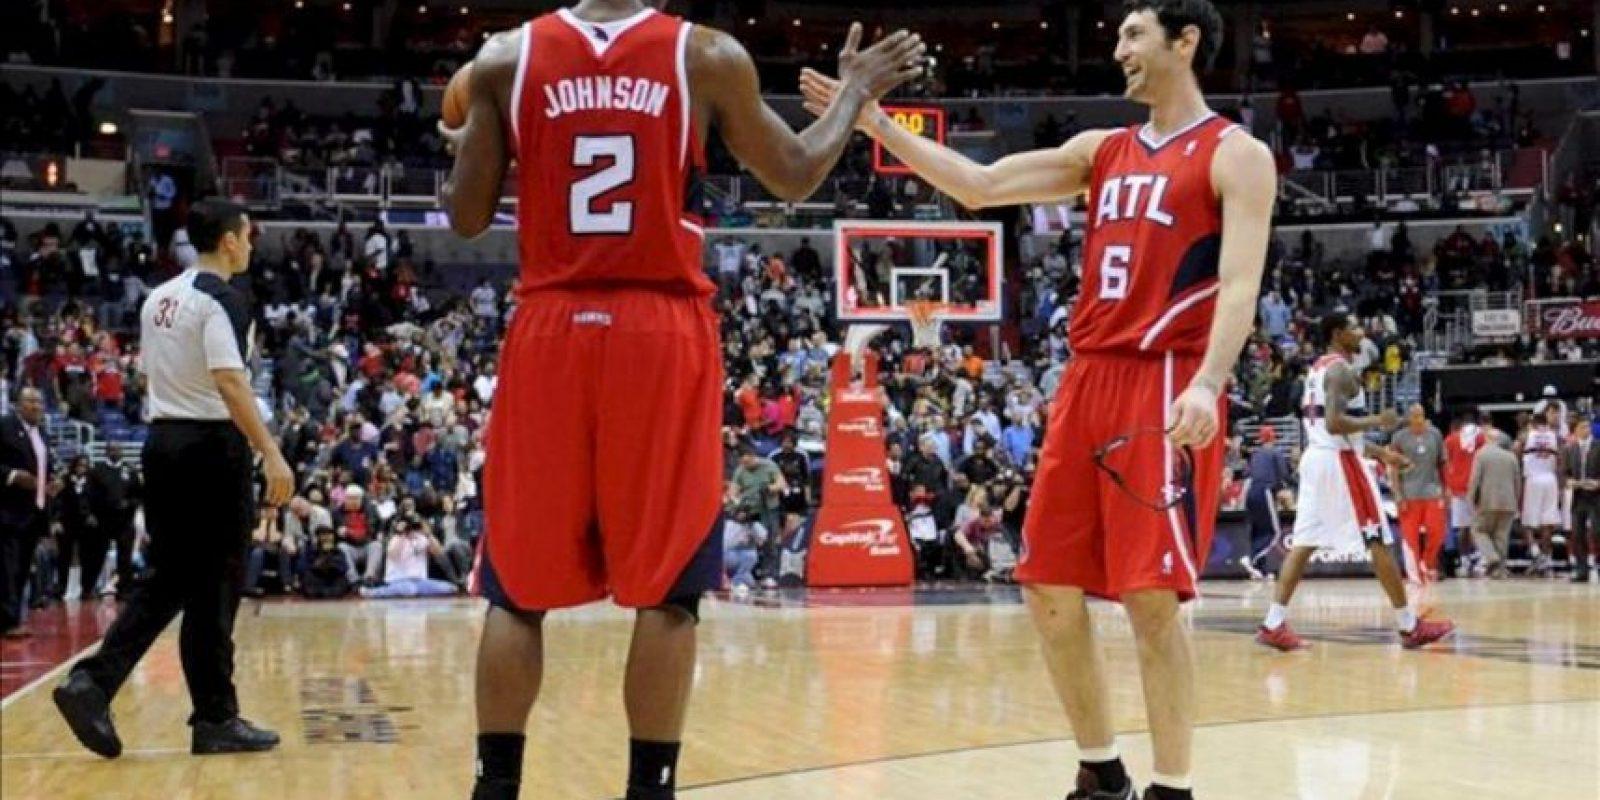 Los jugadores Joe Johnson (i) y Kirk Hinrich (d) de Atlanta Hawks celebran después de vencer a Washington Wizards, durante un partido de la NBA en el Verizon Center en Washington (EE.UU.).